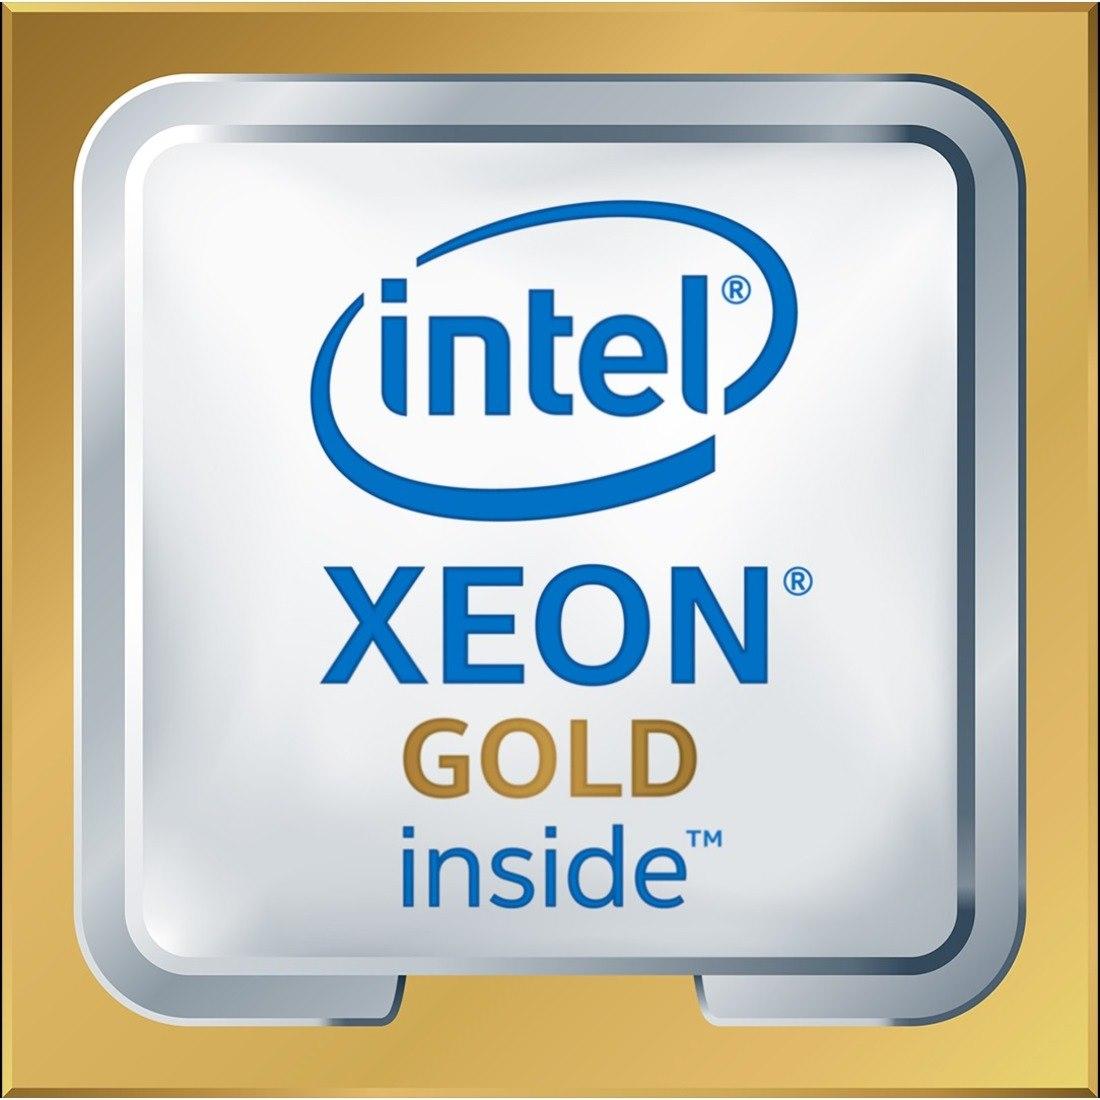 Lenovo Intel Xeon 6148 Icosa-core (20 Core) 2.40 GHz Processor Upgrade